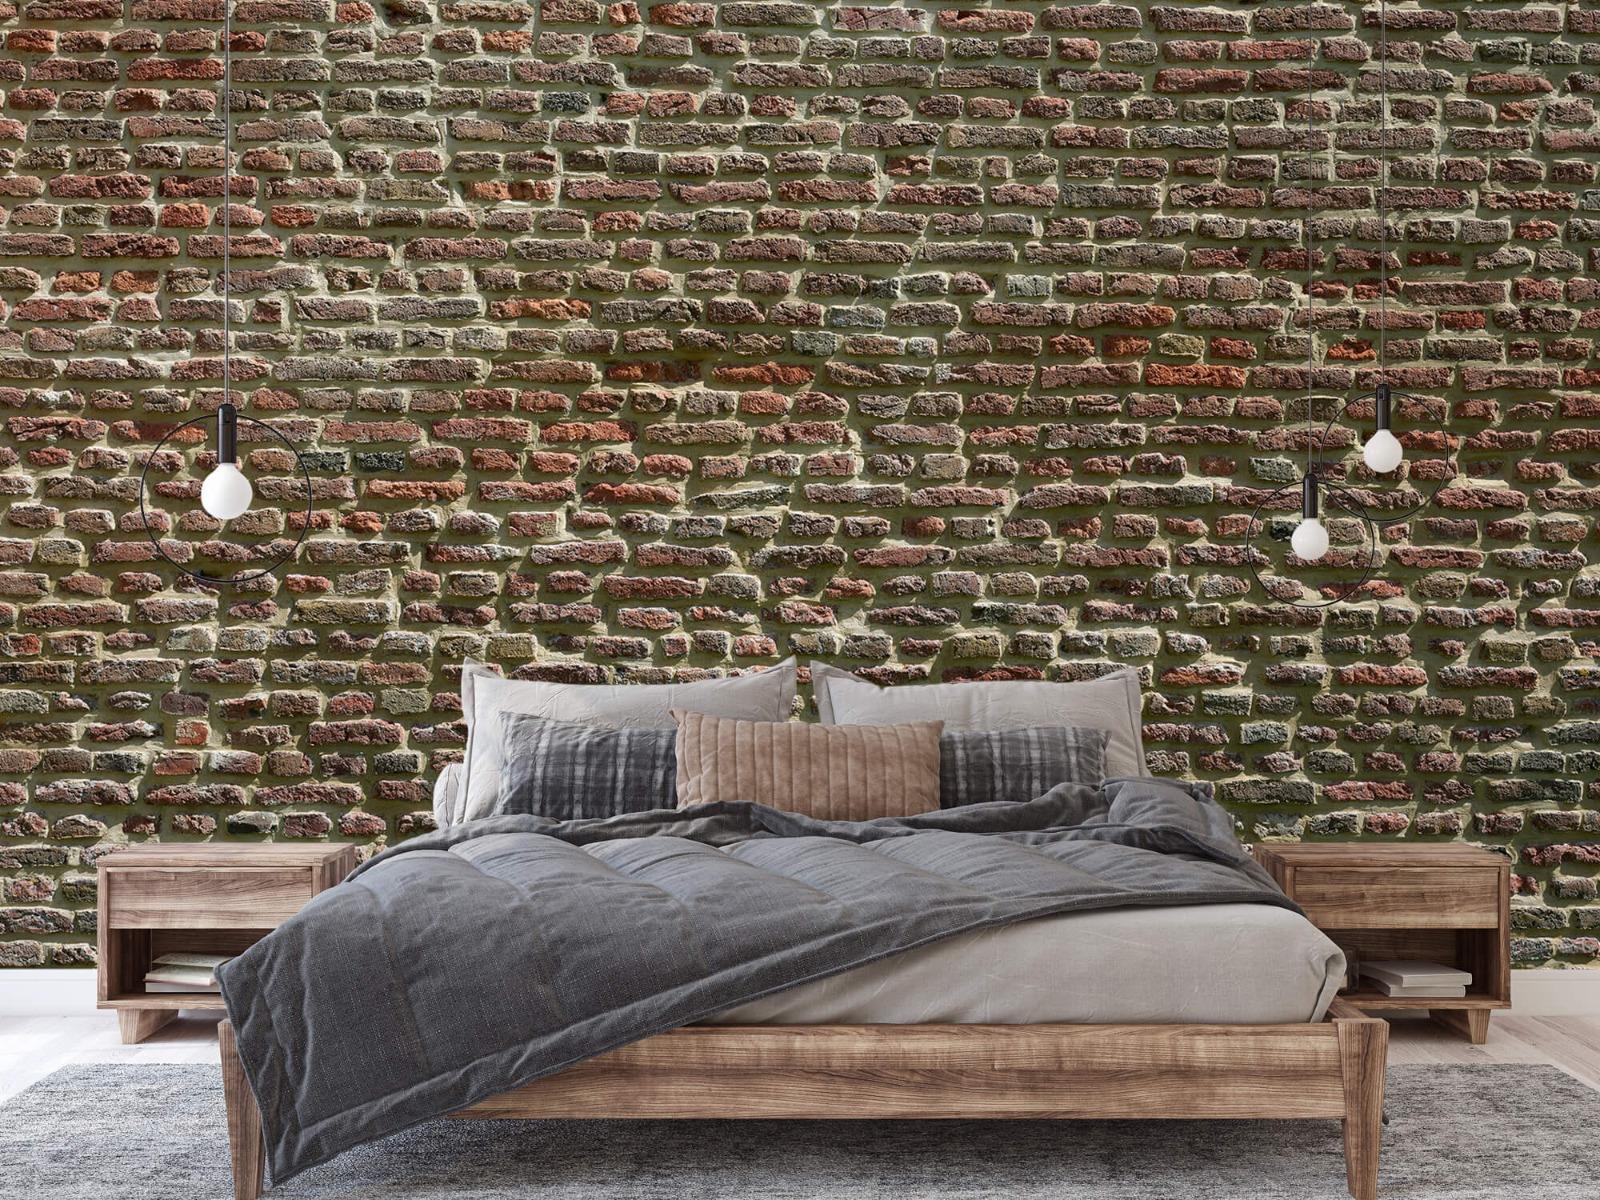 Stenen - Muur van oude bakstenen 4